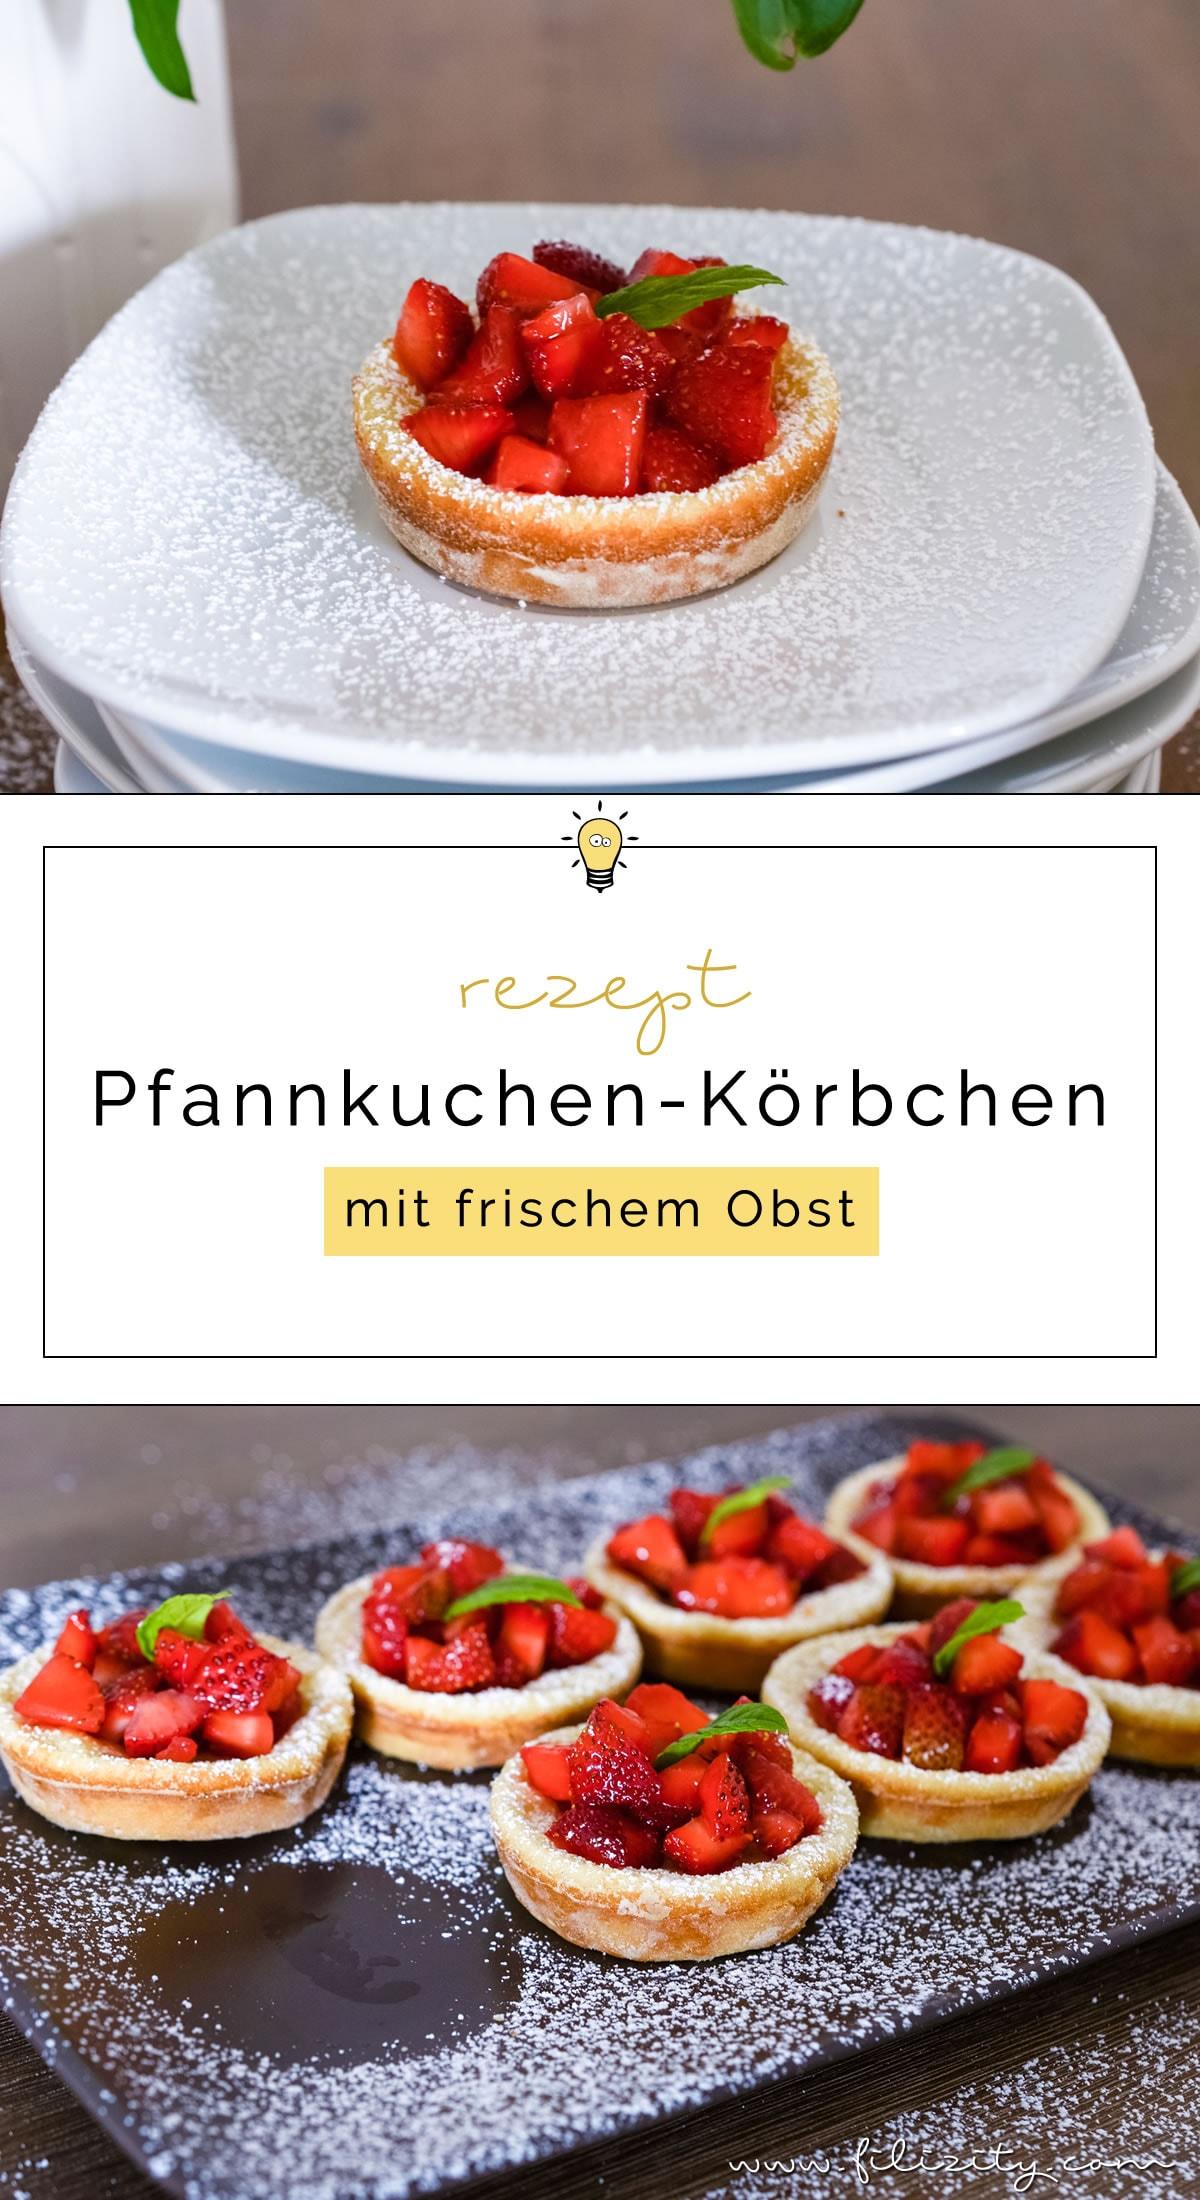 Sommer-Rezept: Pfannkuchen-Körbchen mit Erdbeeren oder anderem frischen Obst #pfannkuchen #erdbeeren